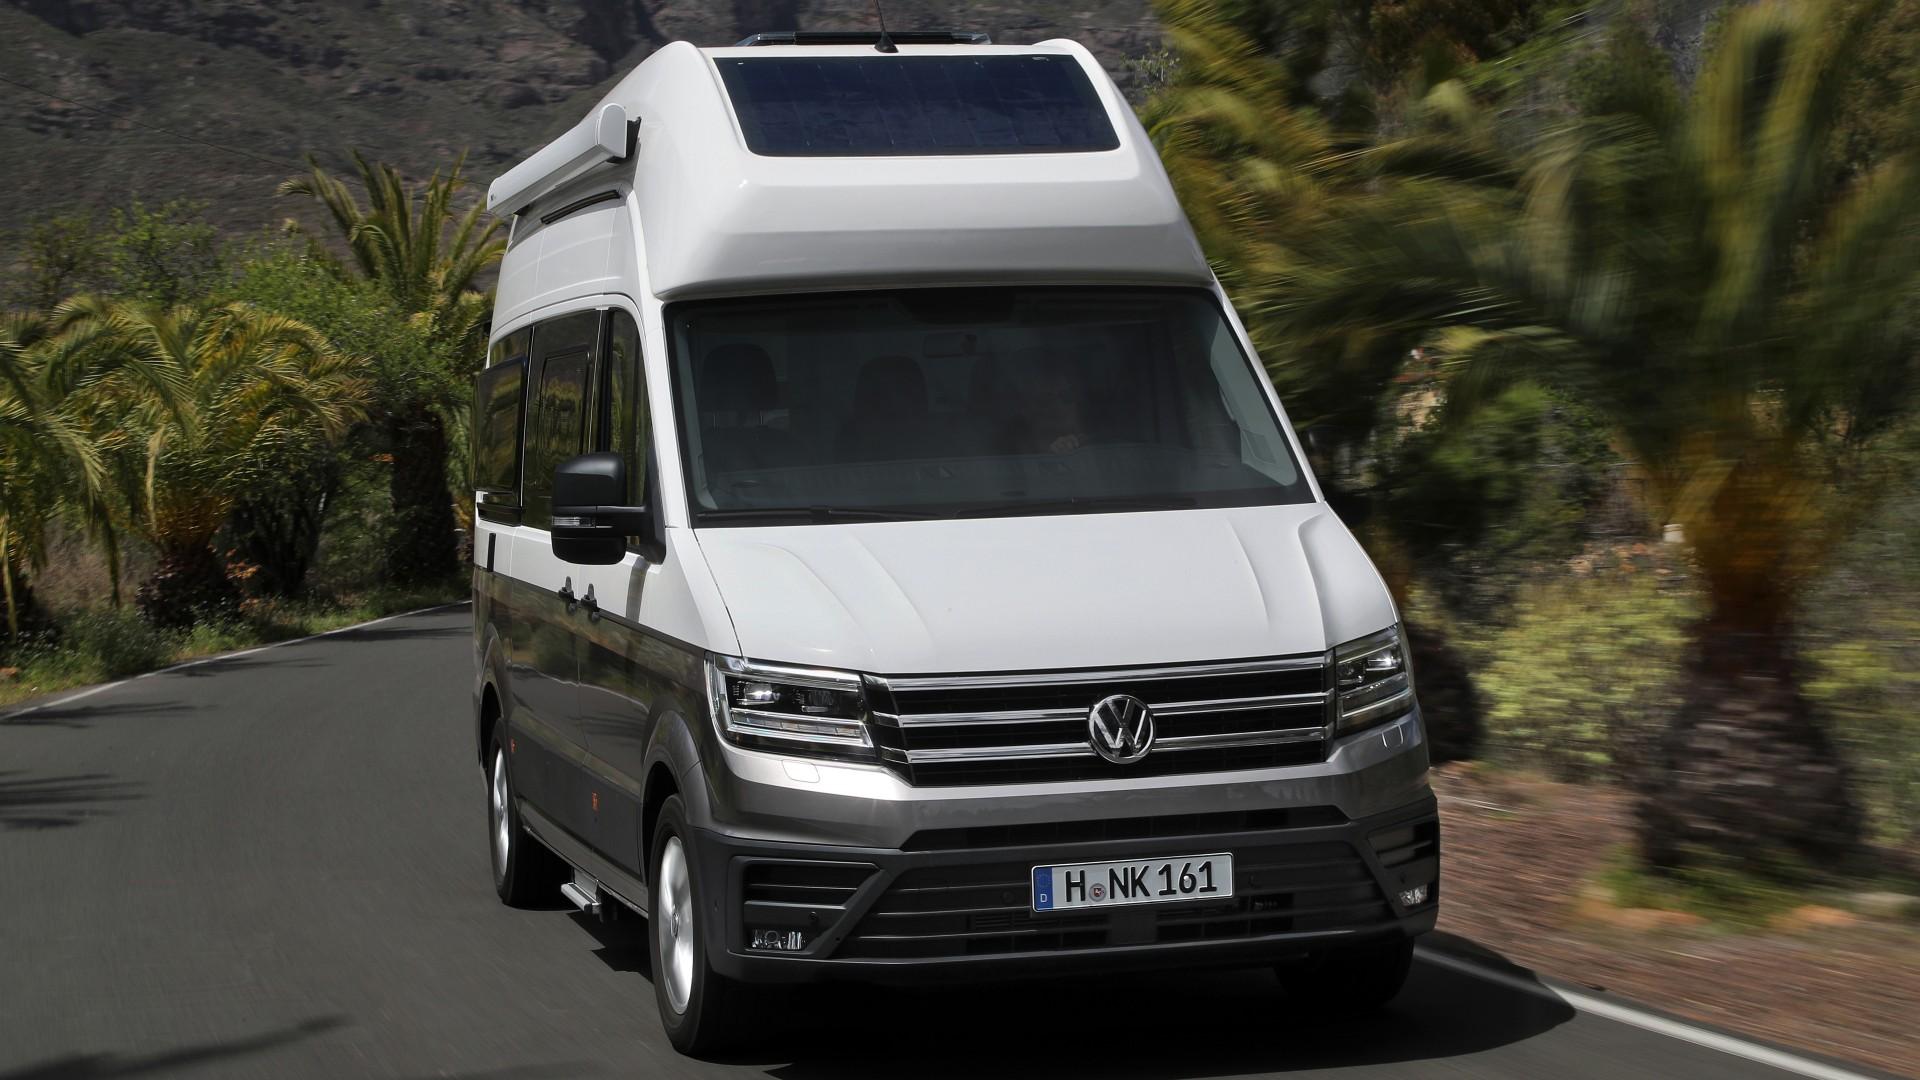 Vw Camper Uitschuifbaar.Volkswagen Bedrijfswagens Prijst Grand California 600